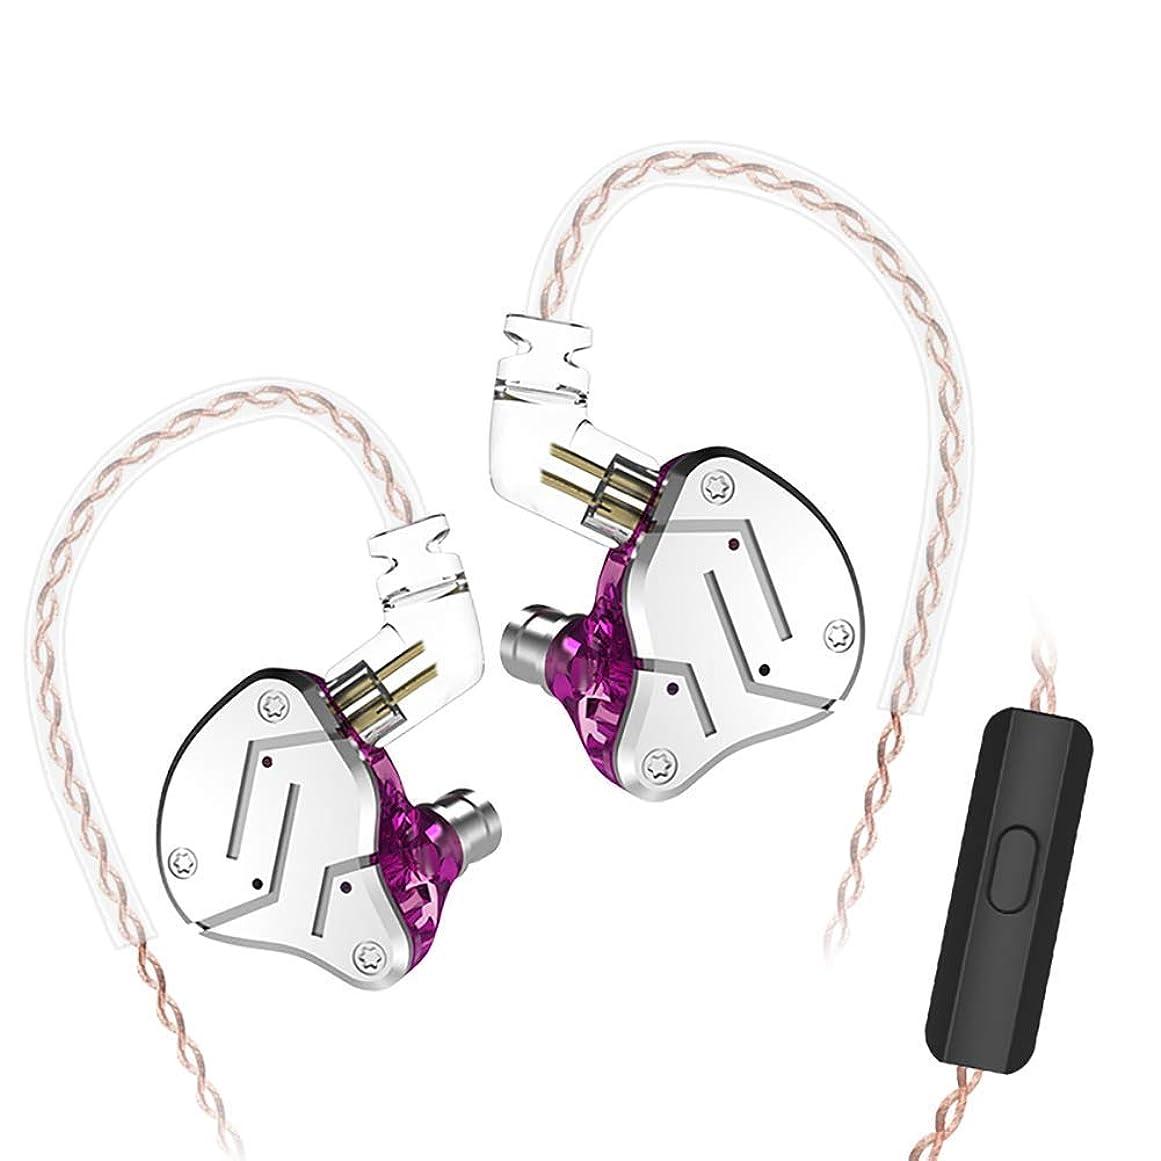 医学給料不要KZ ZSN 重低音 イヤホン 1BA+1DDを搭載 ハイブリッドイヤホン カナル型 高遮音性 イヤホン 高音質 中華イヤホン 2pin リケーブル 可能 ジュラルミンフェイスプレート搭載 3.5mm プラグ (銀‐紫?マイク付き)